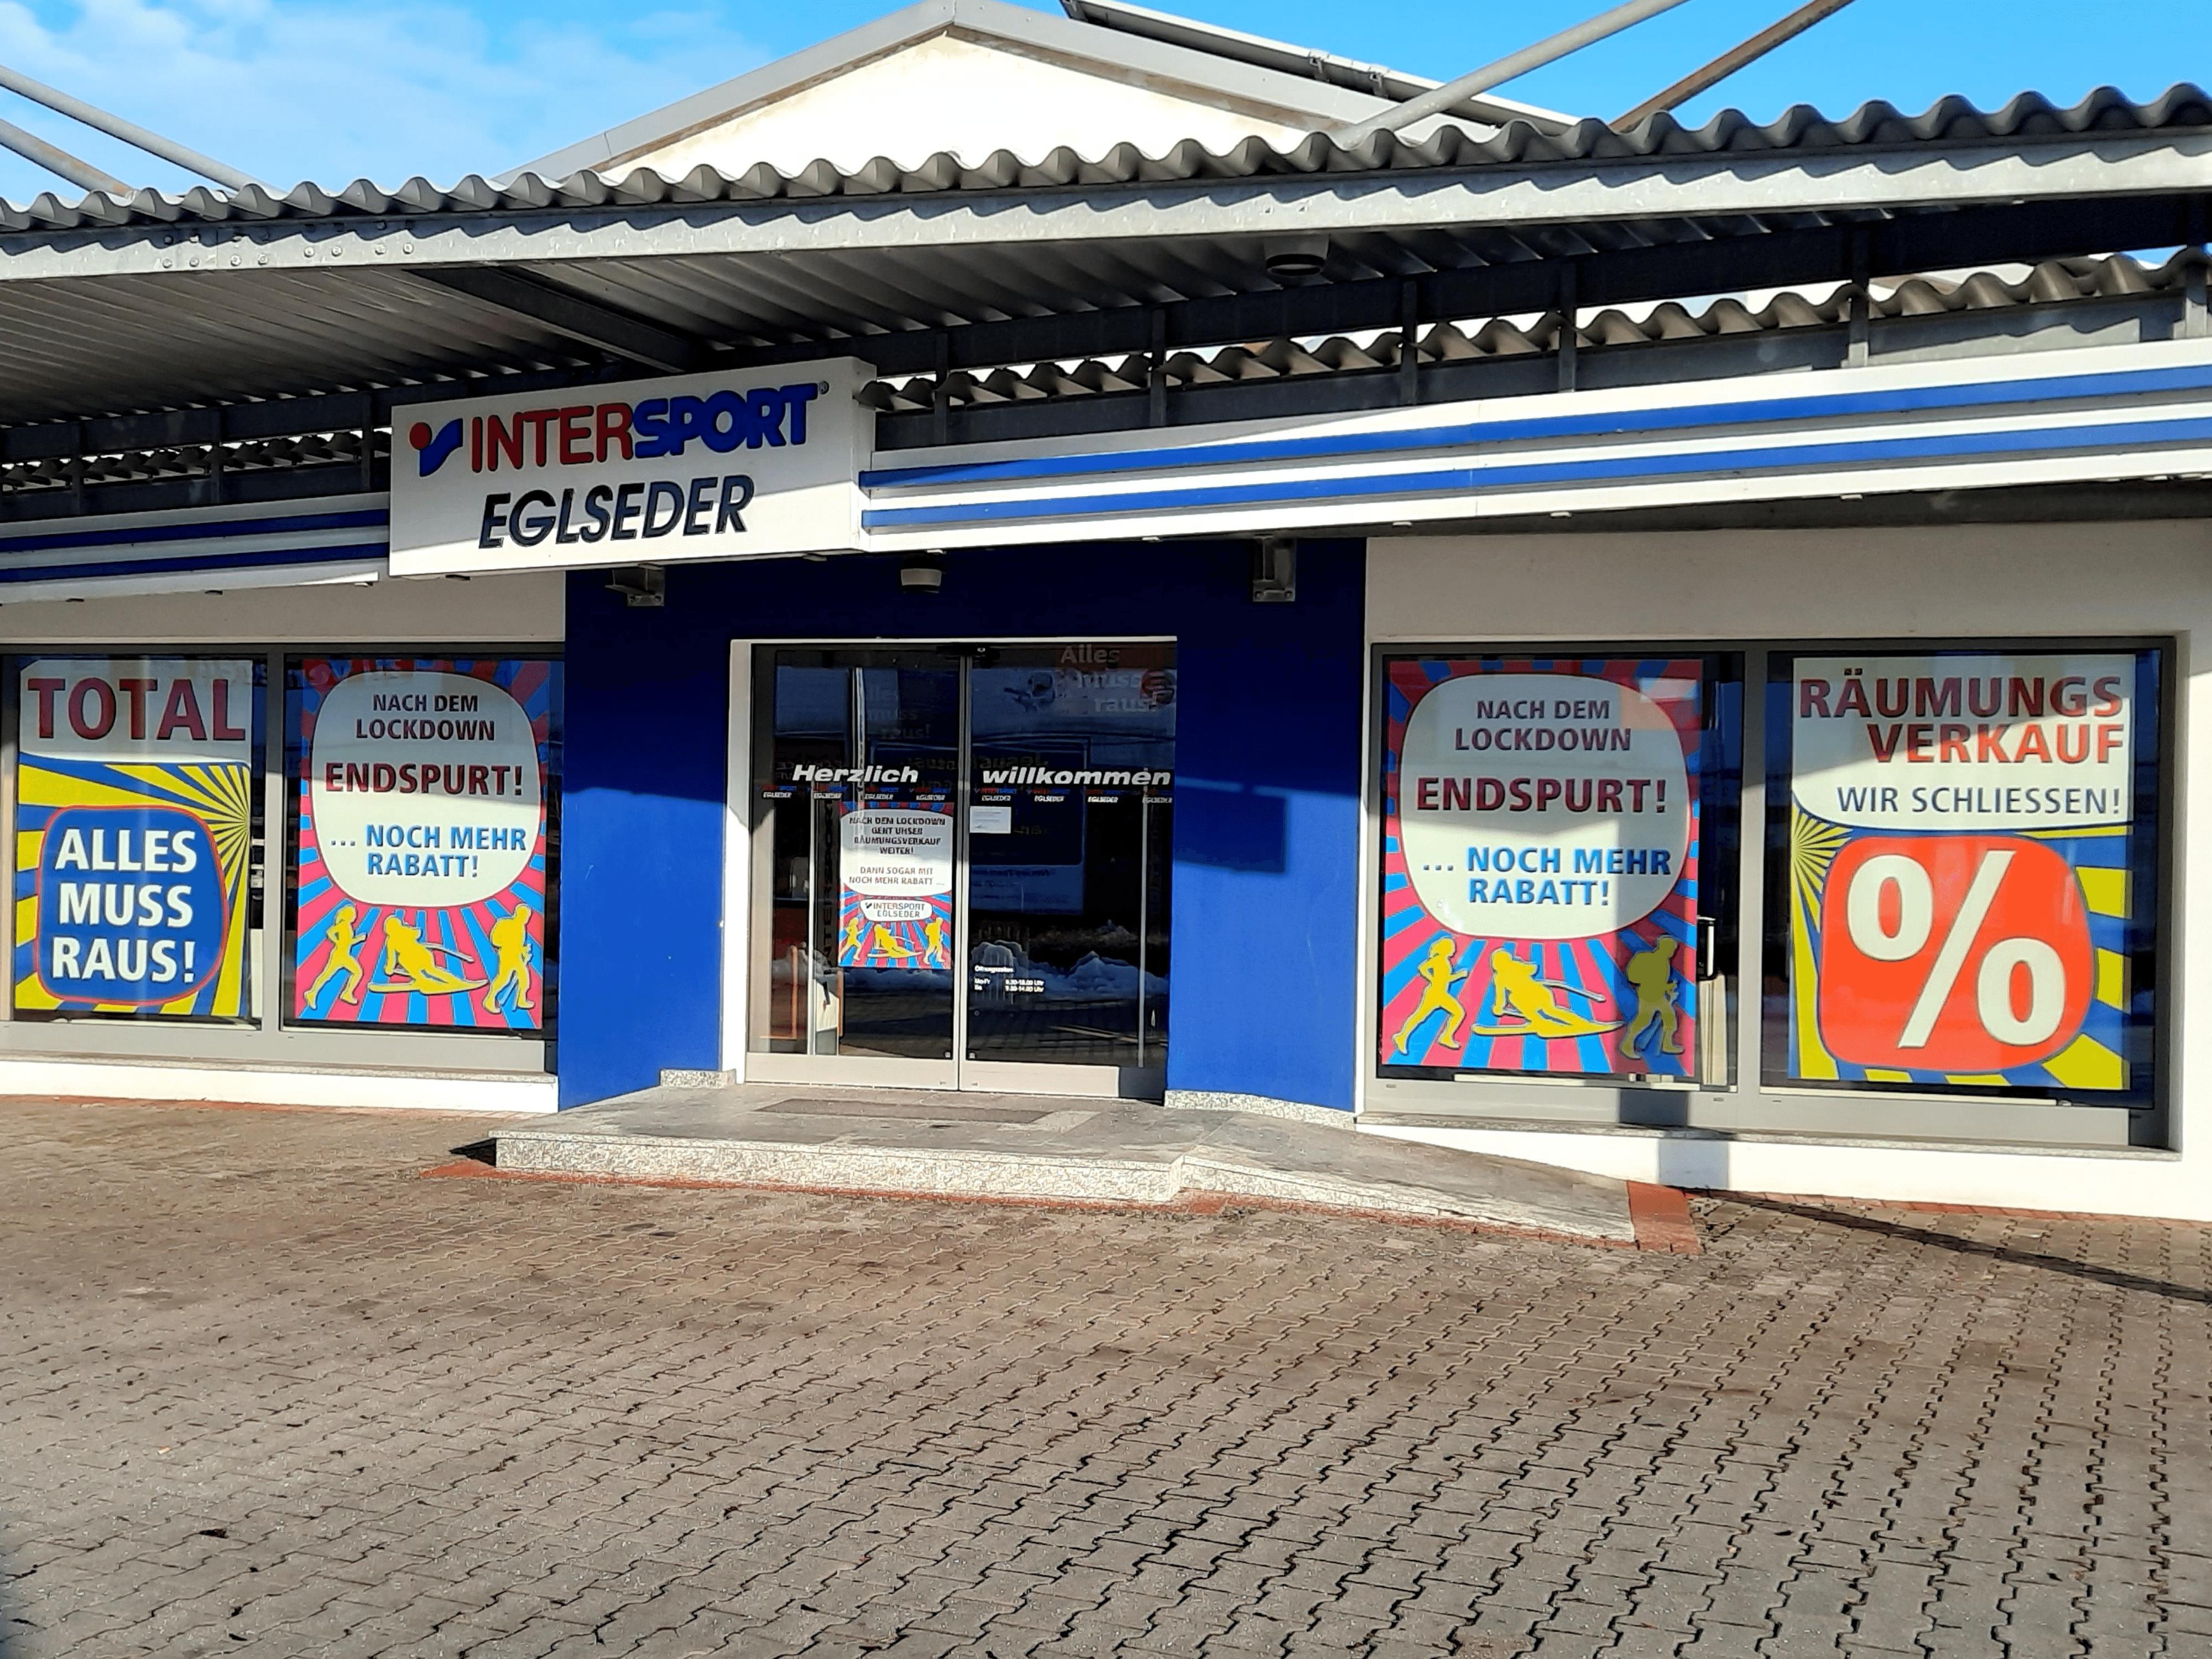 SIGG Zeit zum Handeln Räumungsverkauf wegen Geschäftsaufgabe bei Intersport Egelseder in Dingolfing Fassade